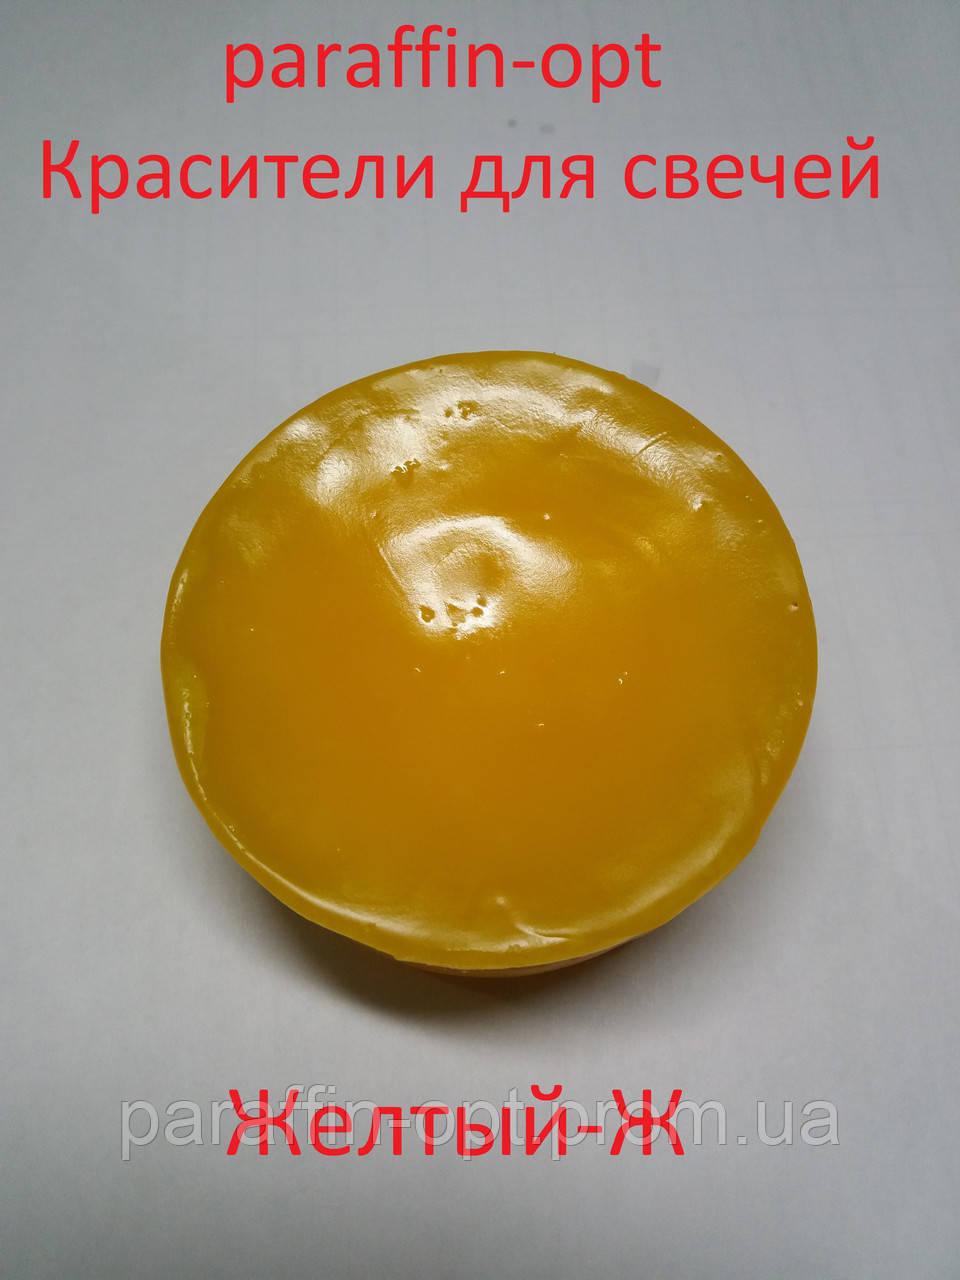 Краситель для свечей Жолтый-Ж